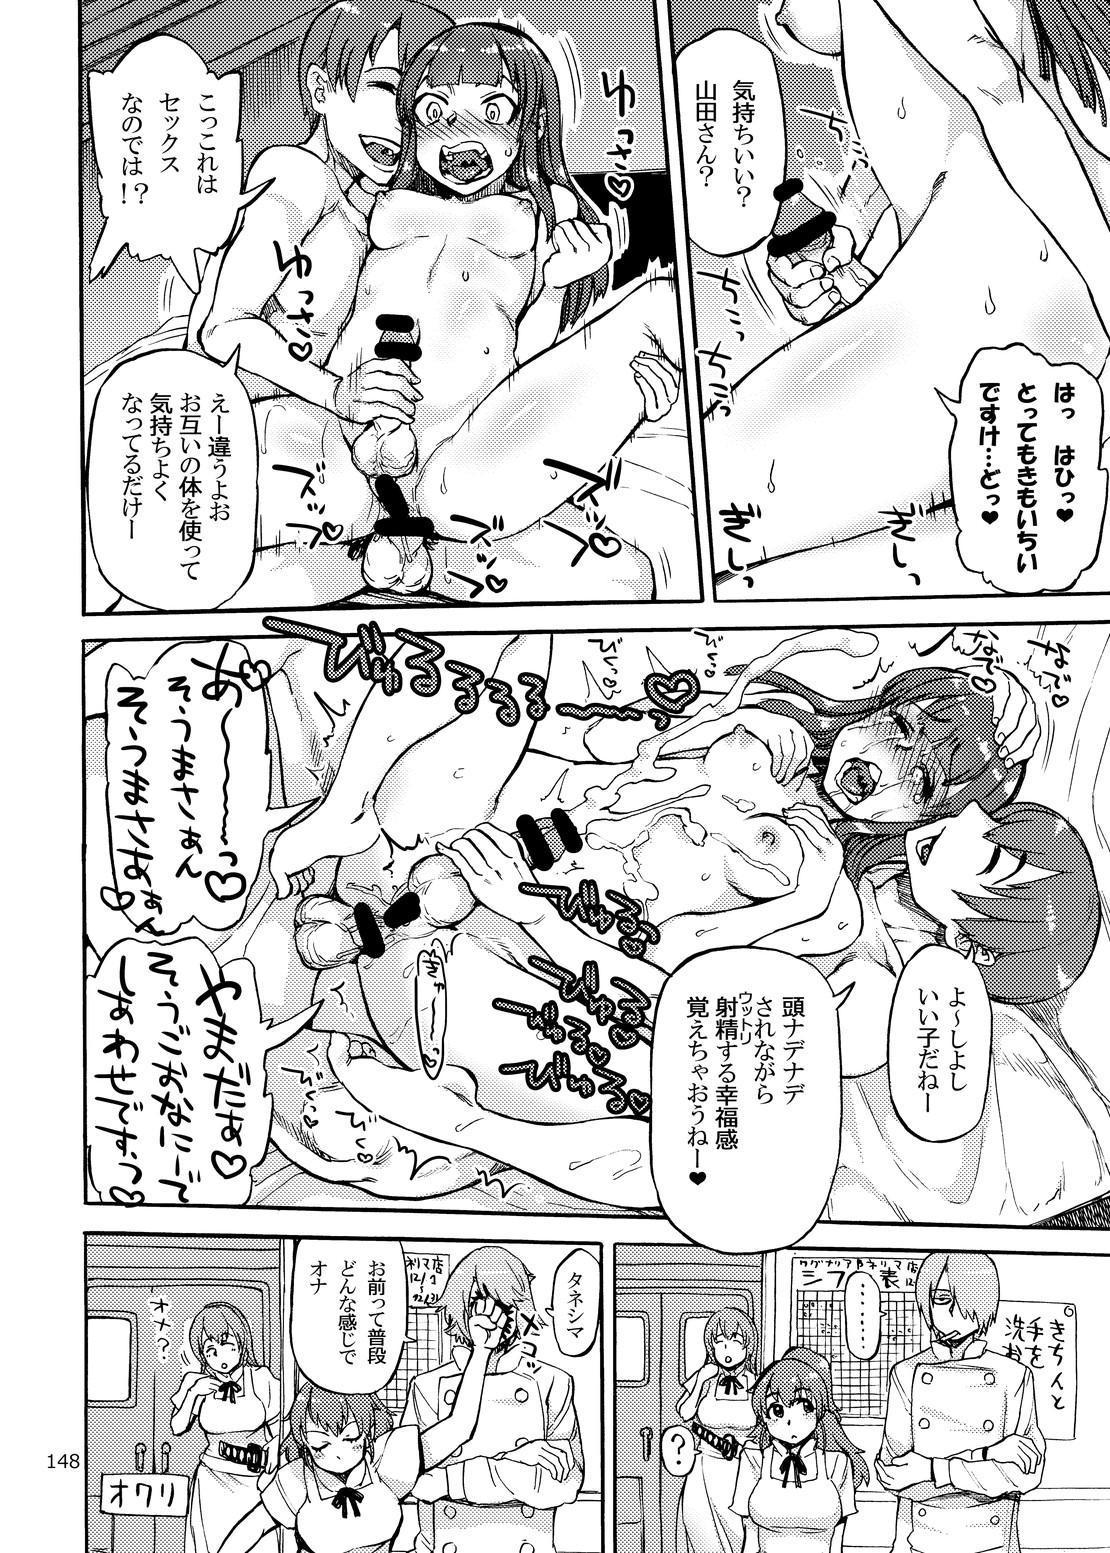 Shikibo Natsu 147